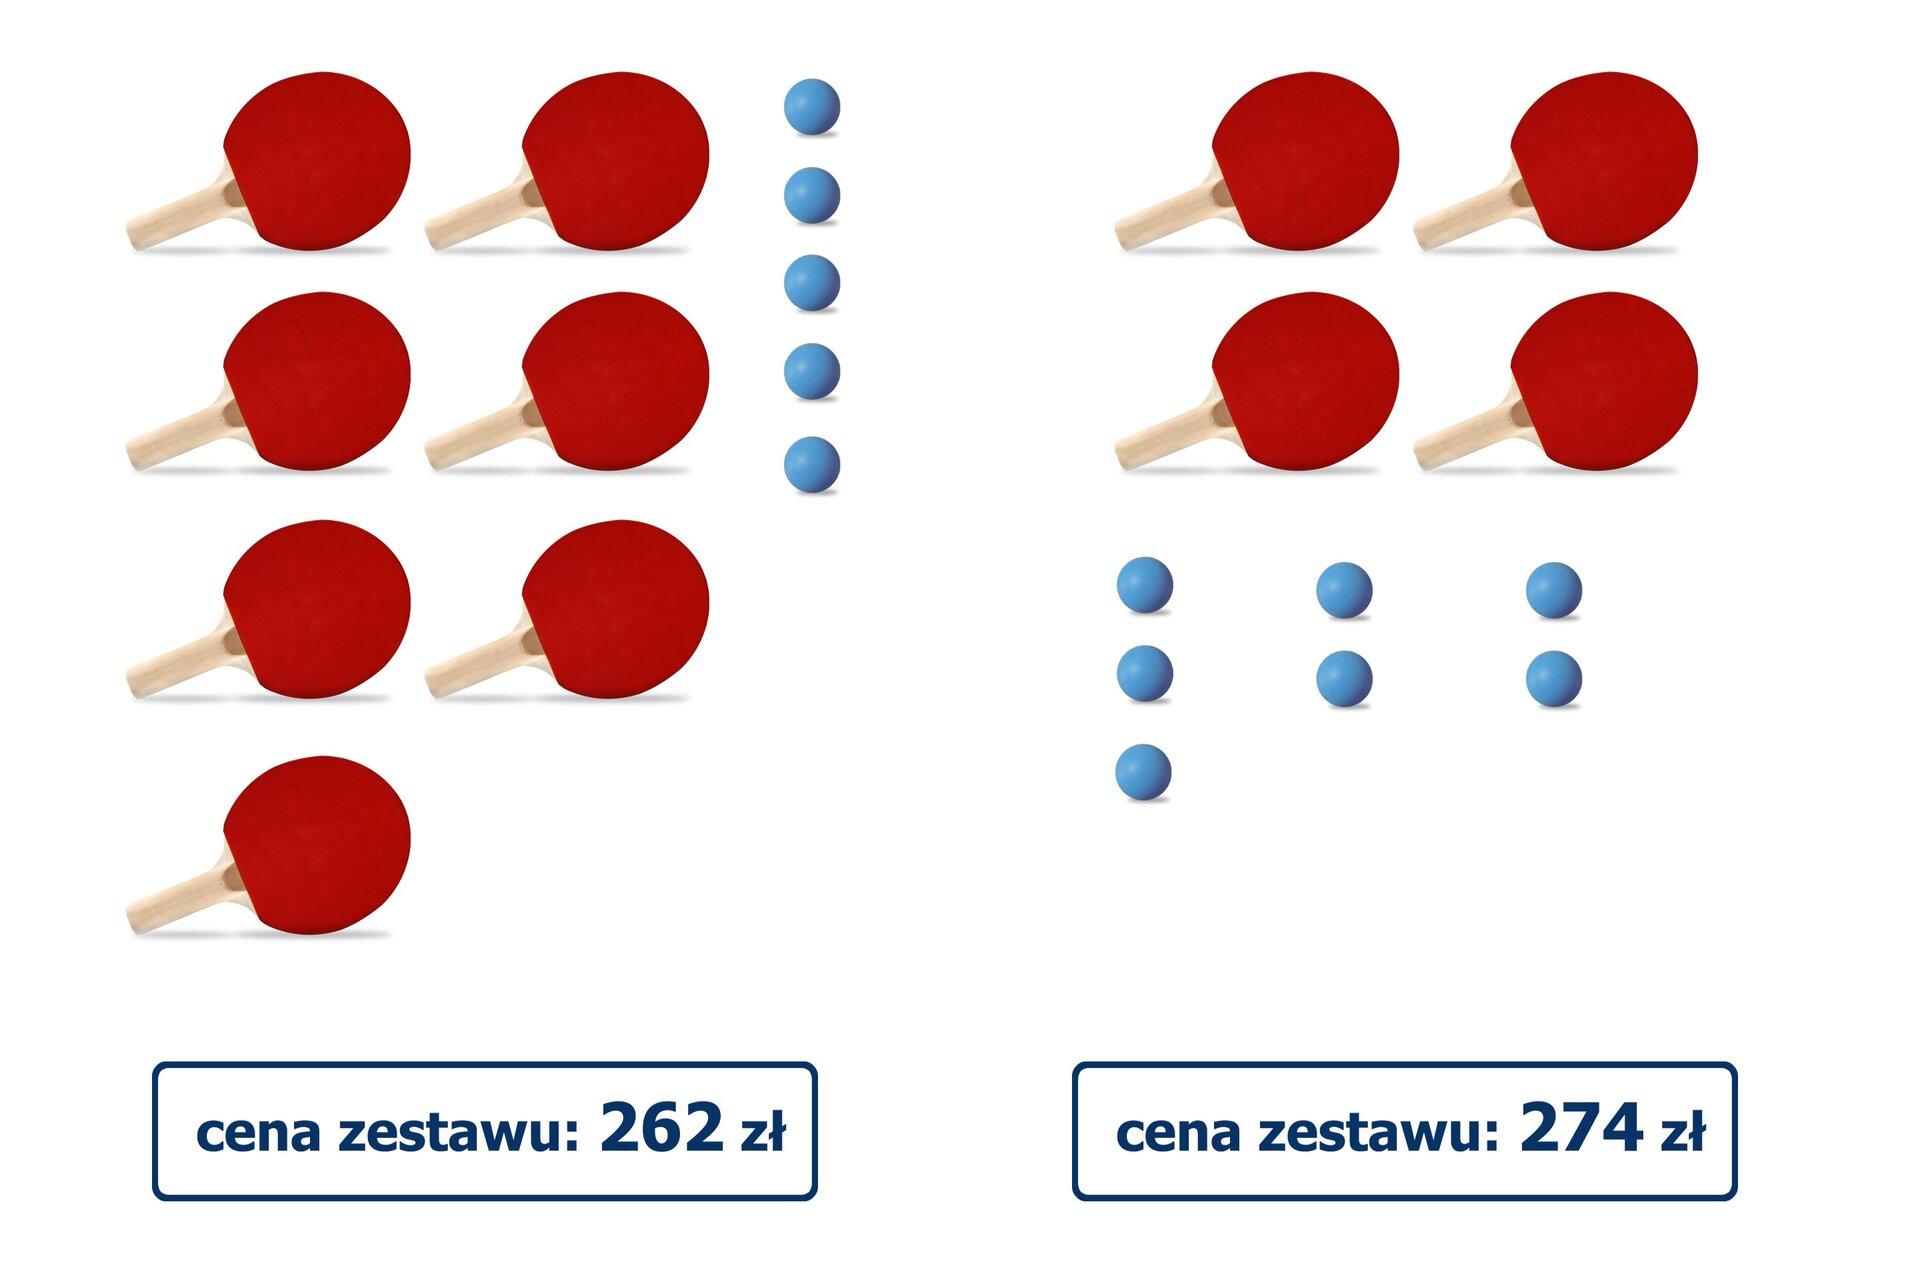 Rysunek dwóch kompletów sportowych. Pierwszy komplet, wcenie 262 zł, składa się zpięciu piłek isiedmiu rakietek do ping-ponga. Drugi komplet, wcenie 274 zł, składa się zsiedmiu piłek i4 rakietek do ping-ponga.